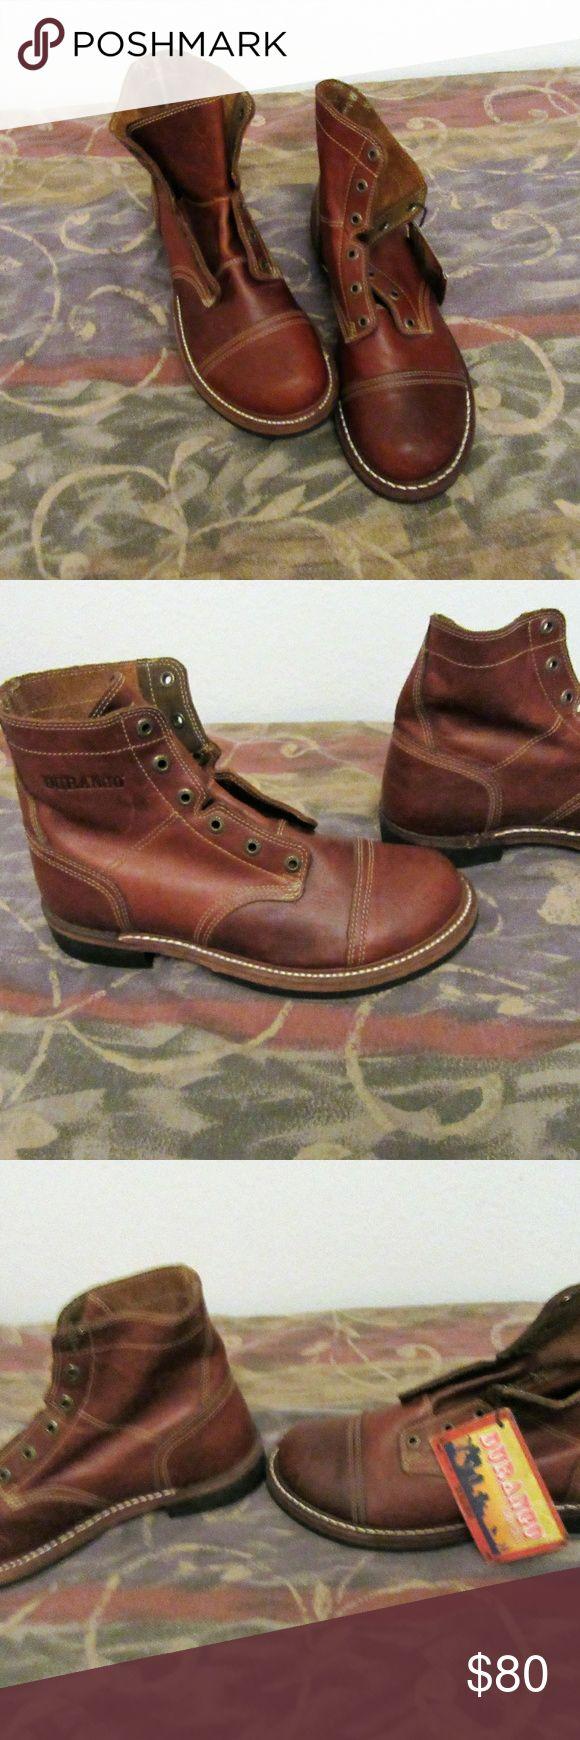 mens durango NWOB ankle boots vibram sole 10 M excellent shape  mens durango NWOB ankle boots vibram sole sample boots 10 M Durango Shoes Boots